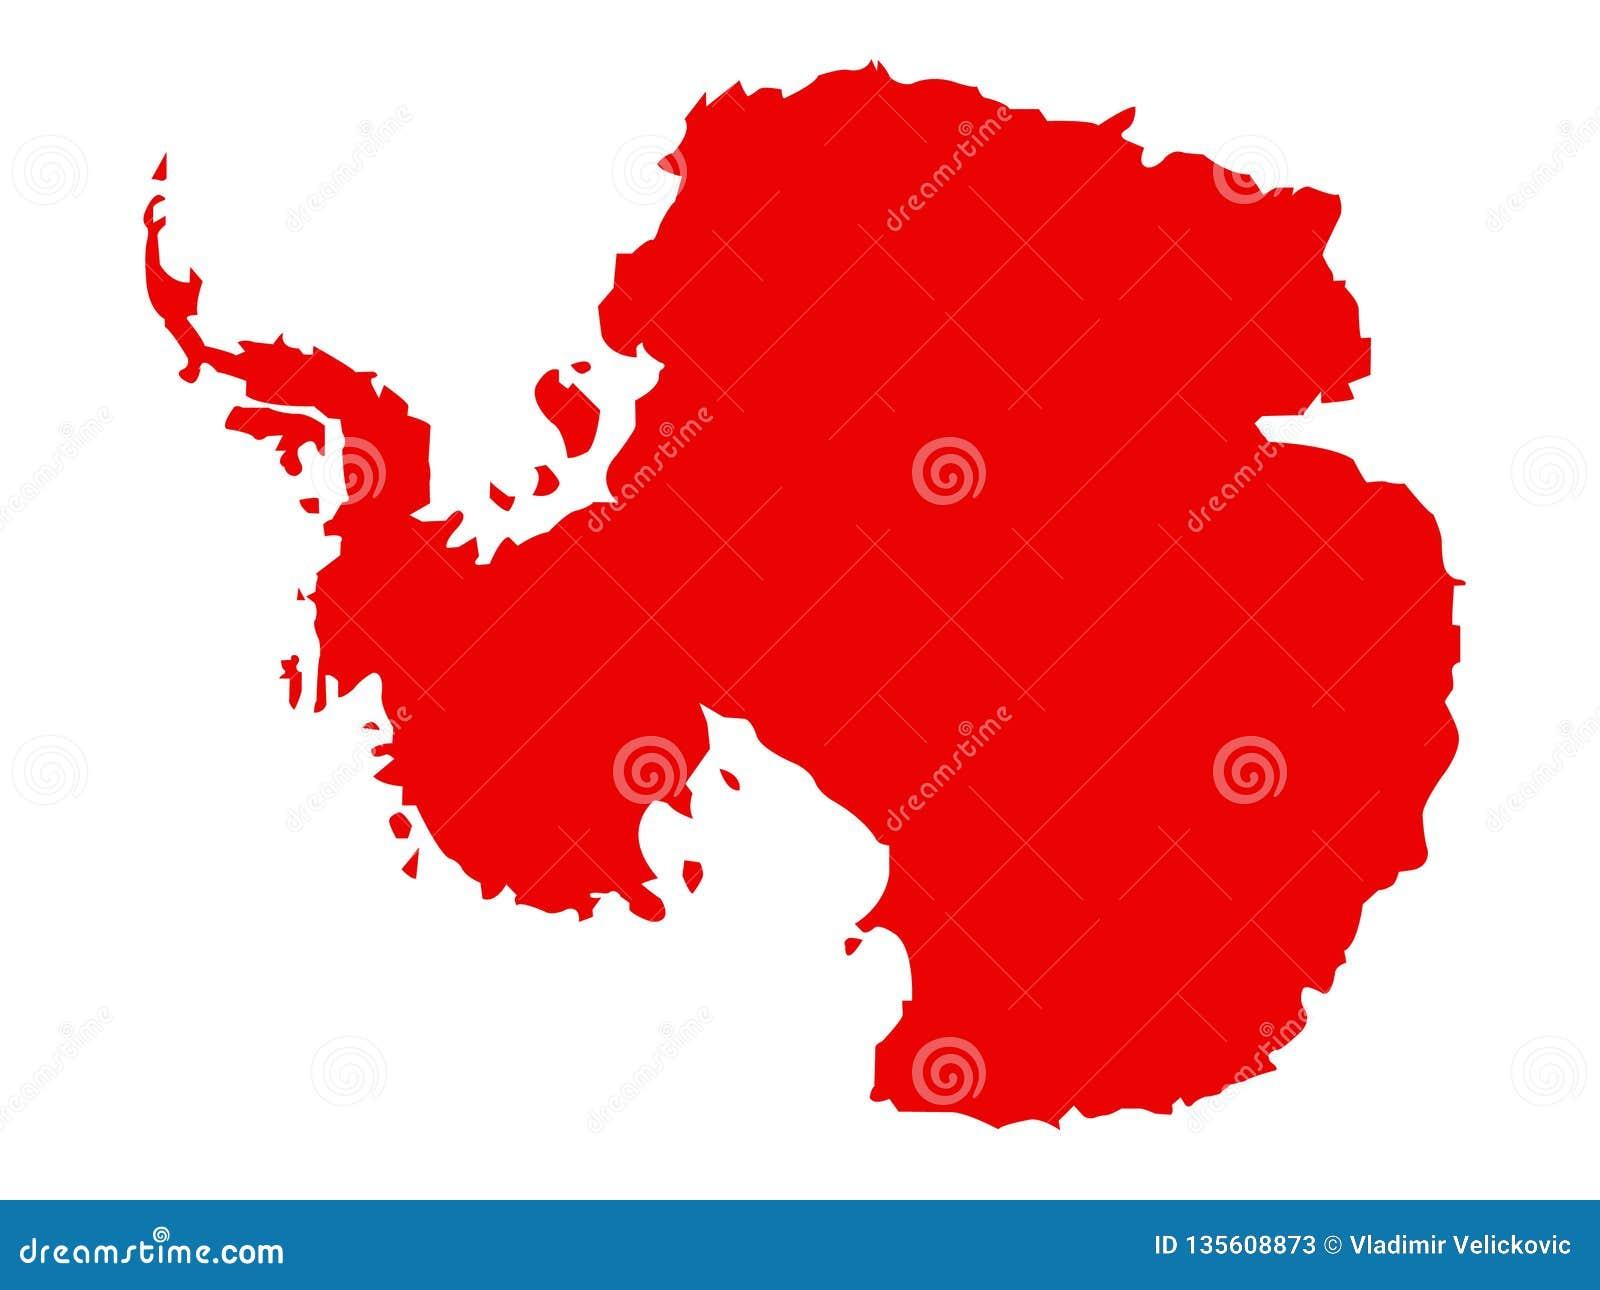 Antarktis översikt - jords sydligast kontinent